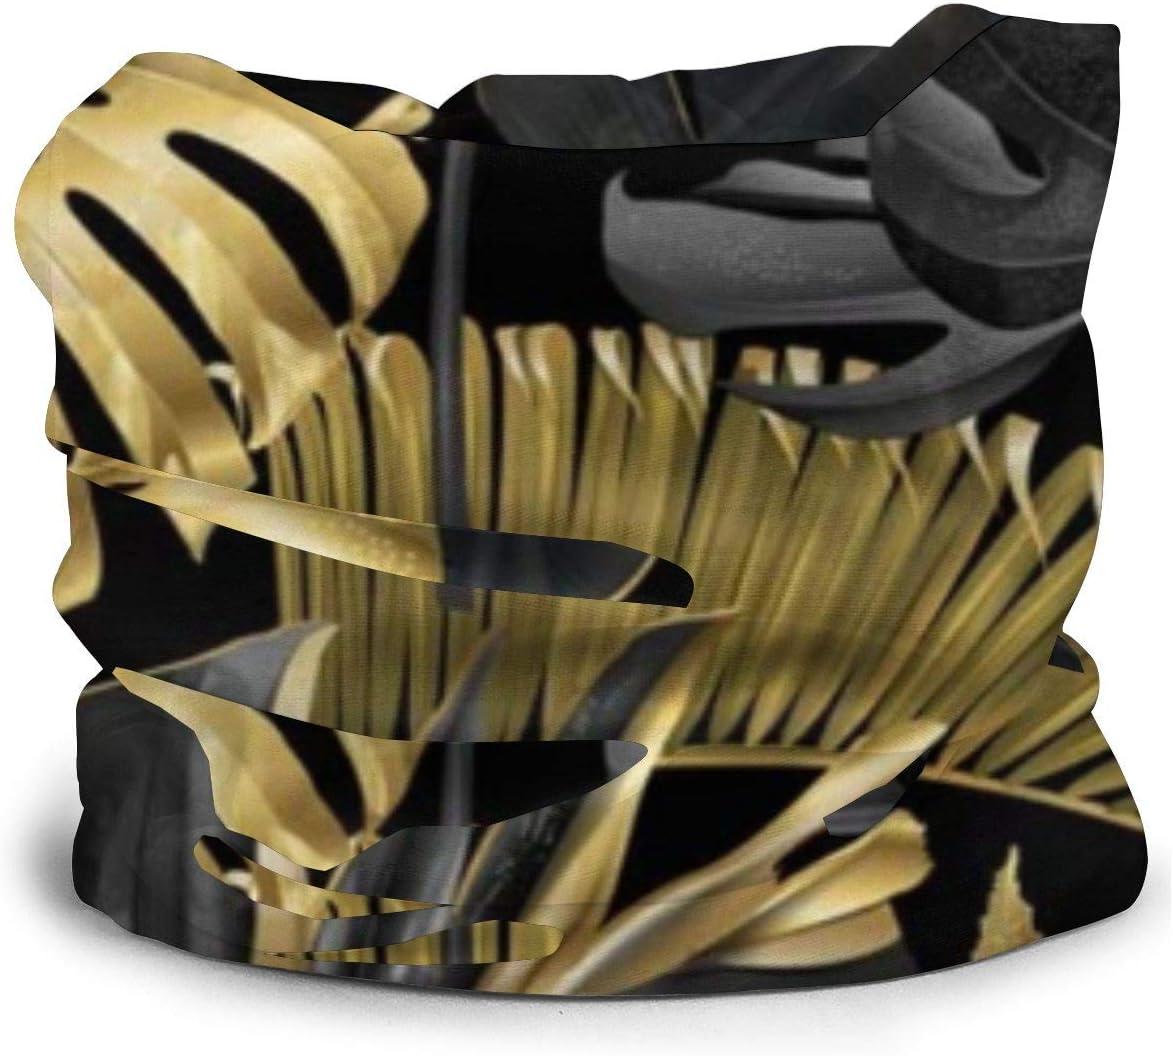 Pillow Socks Oro Negro Tropical Mujer Var/ón Var/ón Pa/ñuelo en la Cabeza Varios pa/ñuelos en la Cabeza Bandanas y pasamonta/ñas multifuncionales